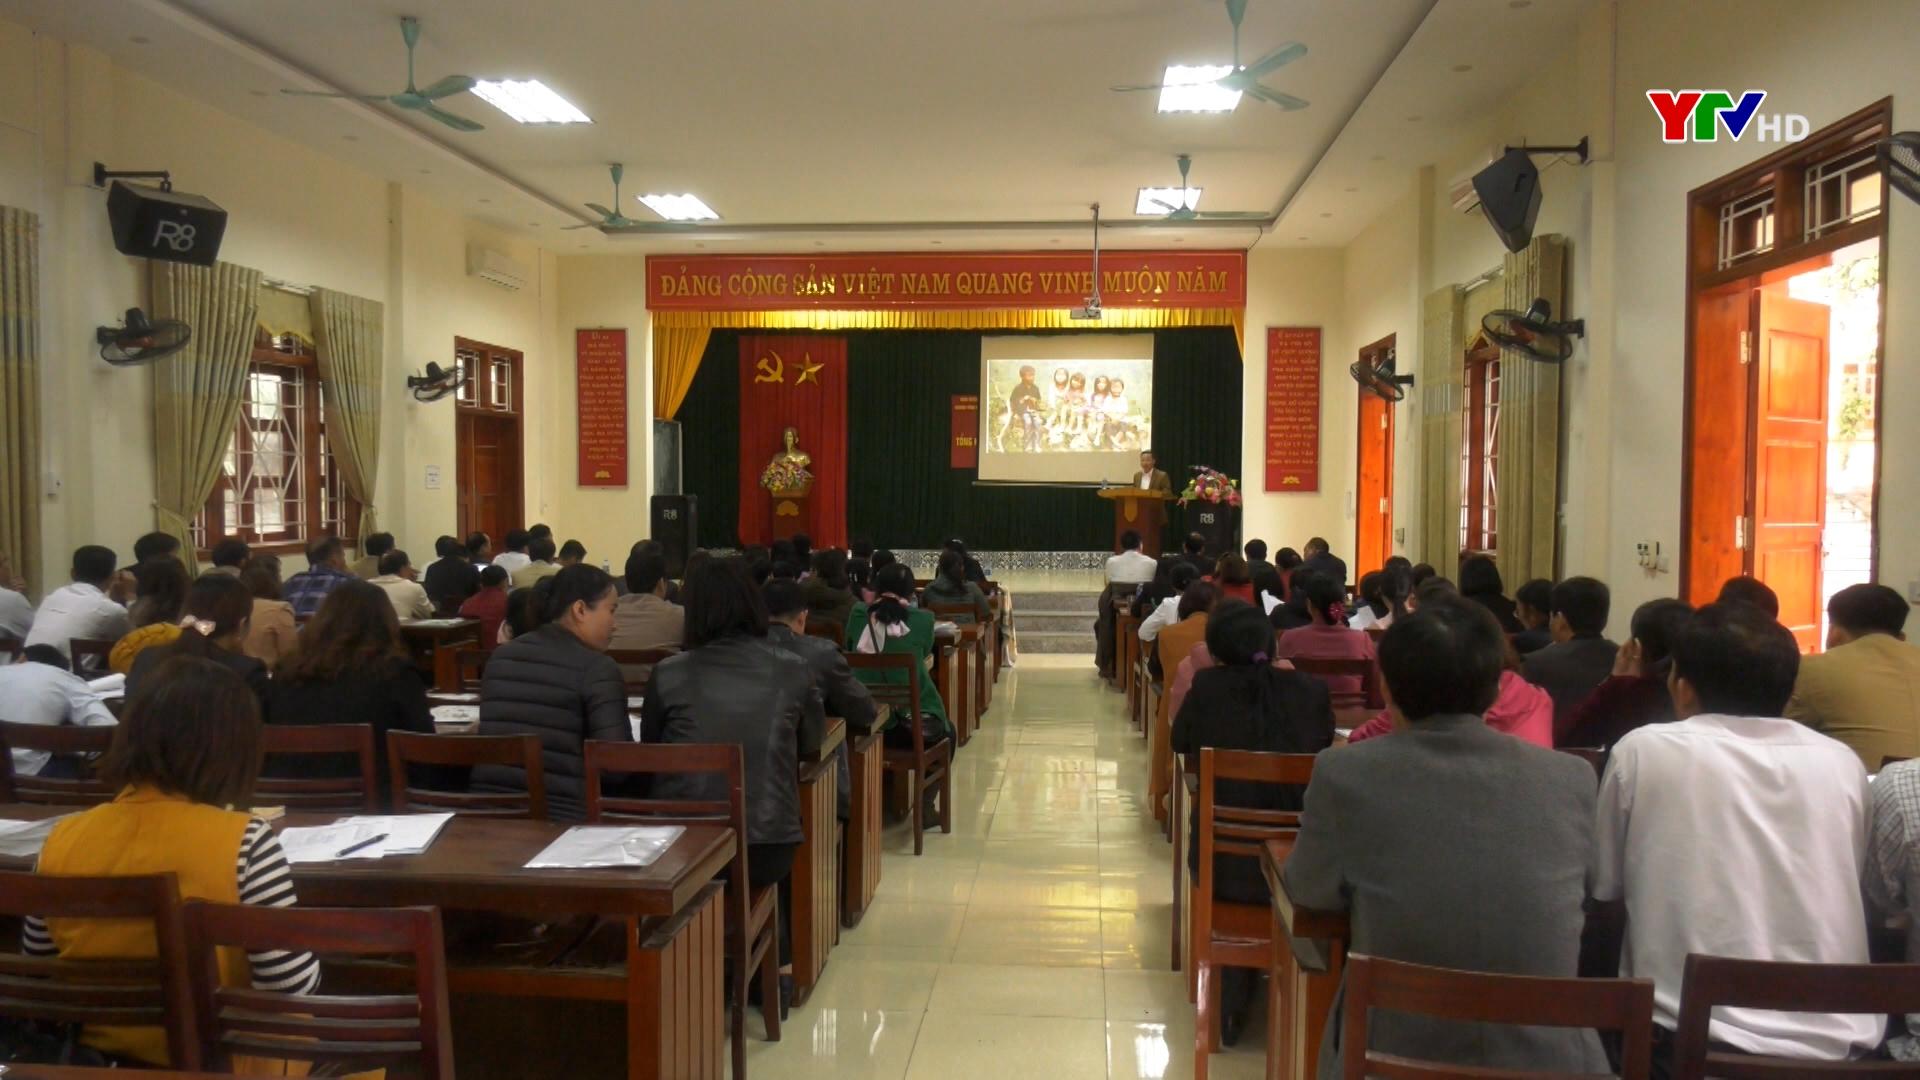 BCĐ chương trình Phát triển vùng huyện Yên Bình triển khai kế hoạch năm 2021